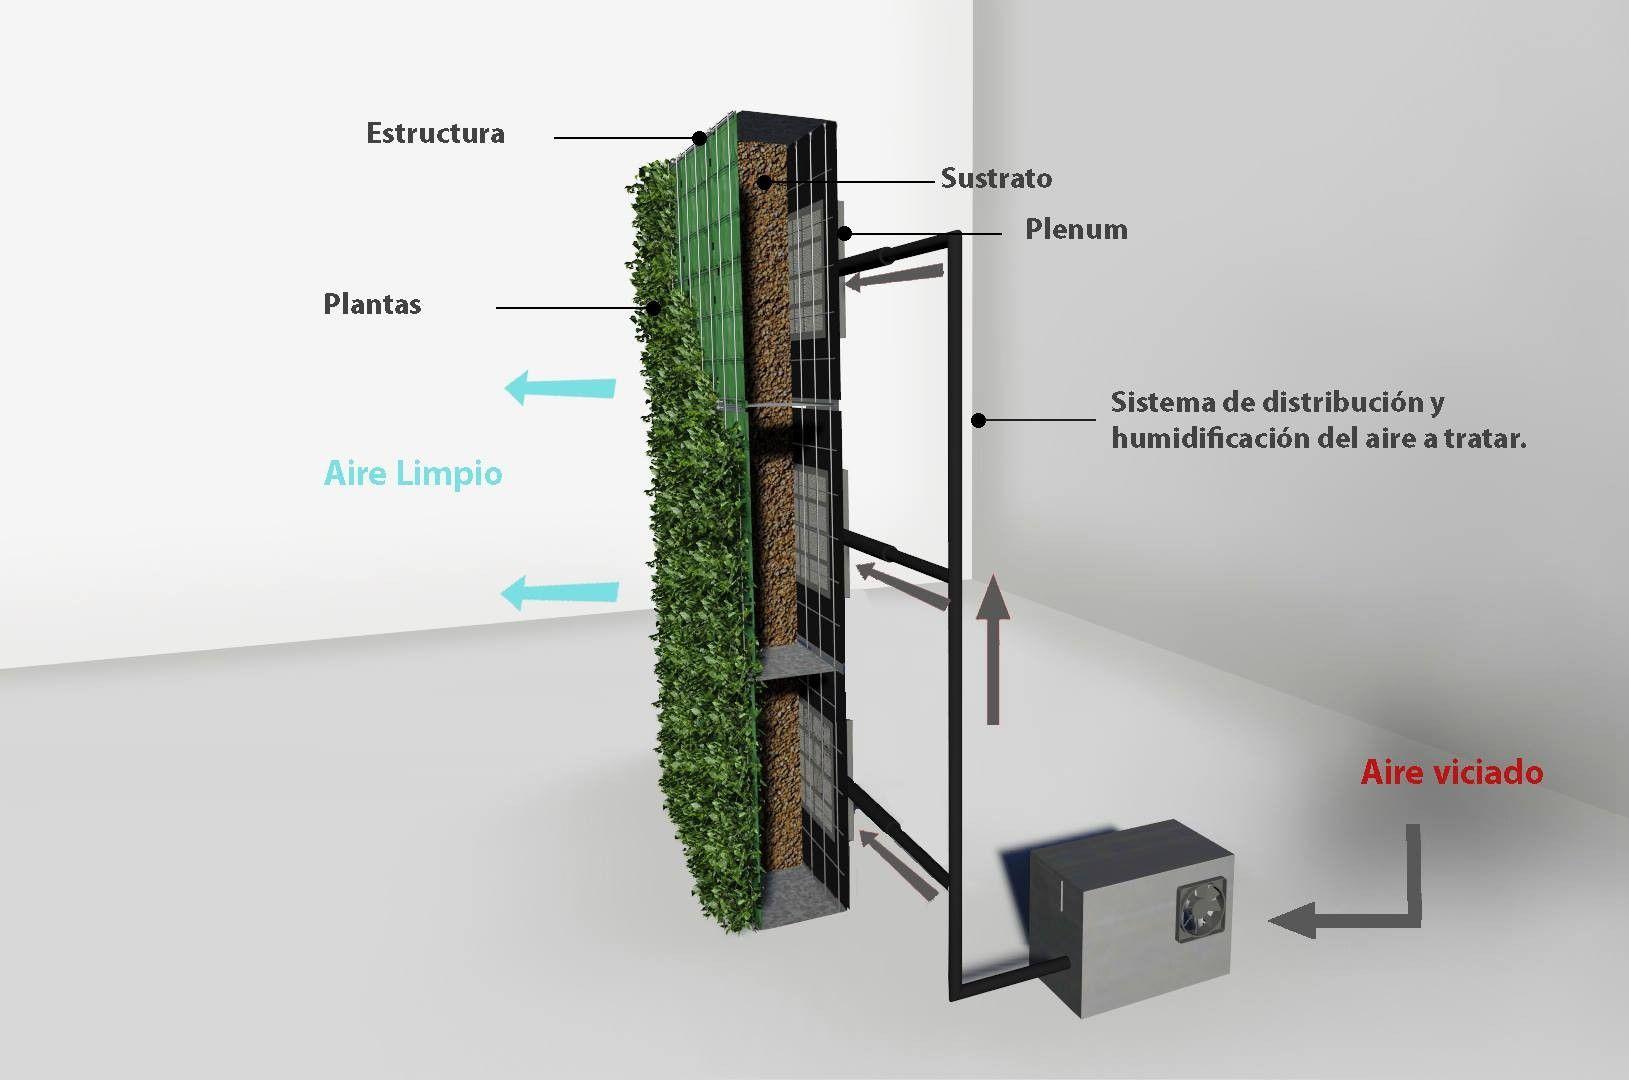 Galer a de materiales muros verdes descontaminantes for Muros y fachadas verdes jardines verticales